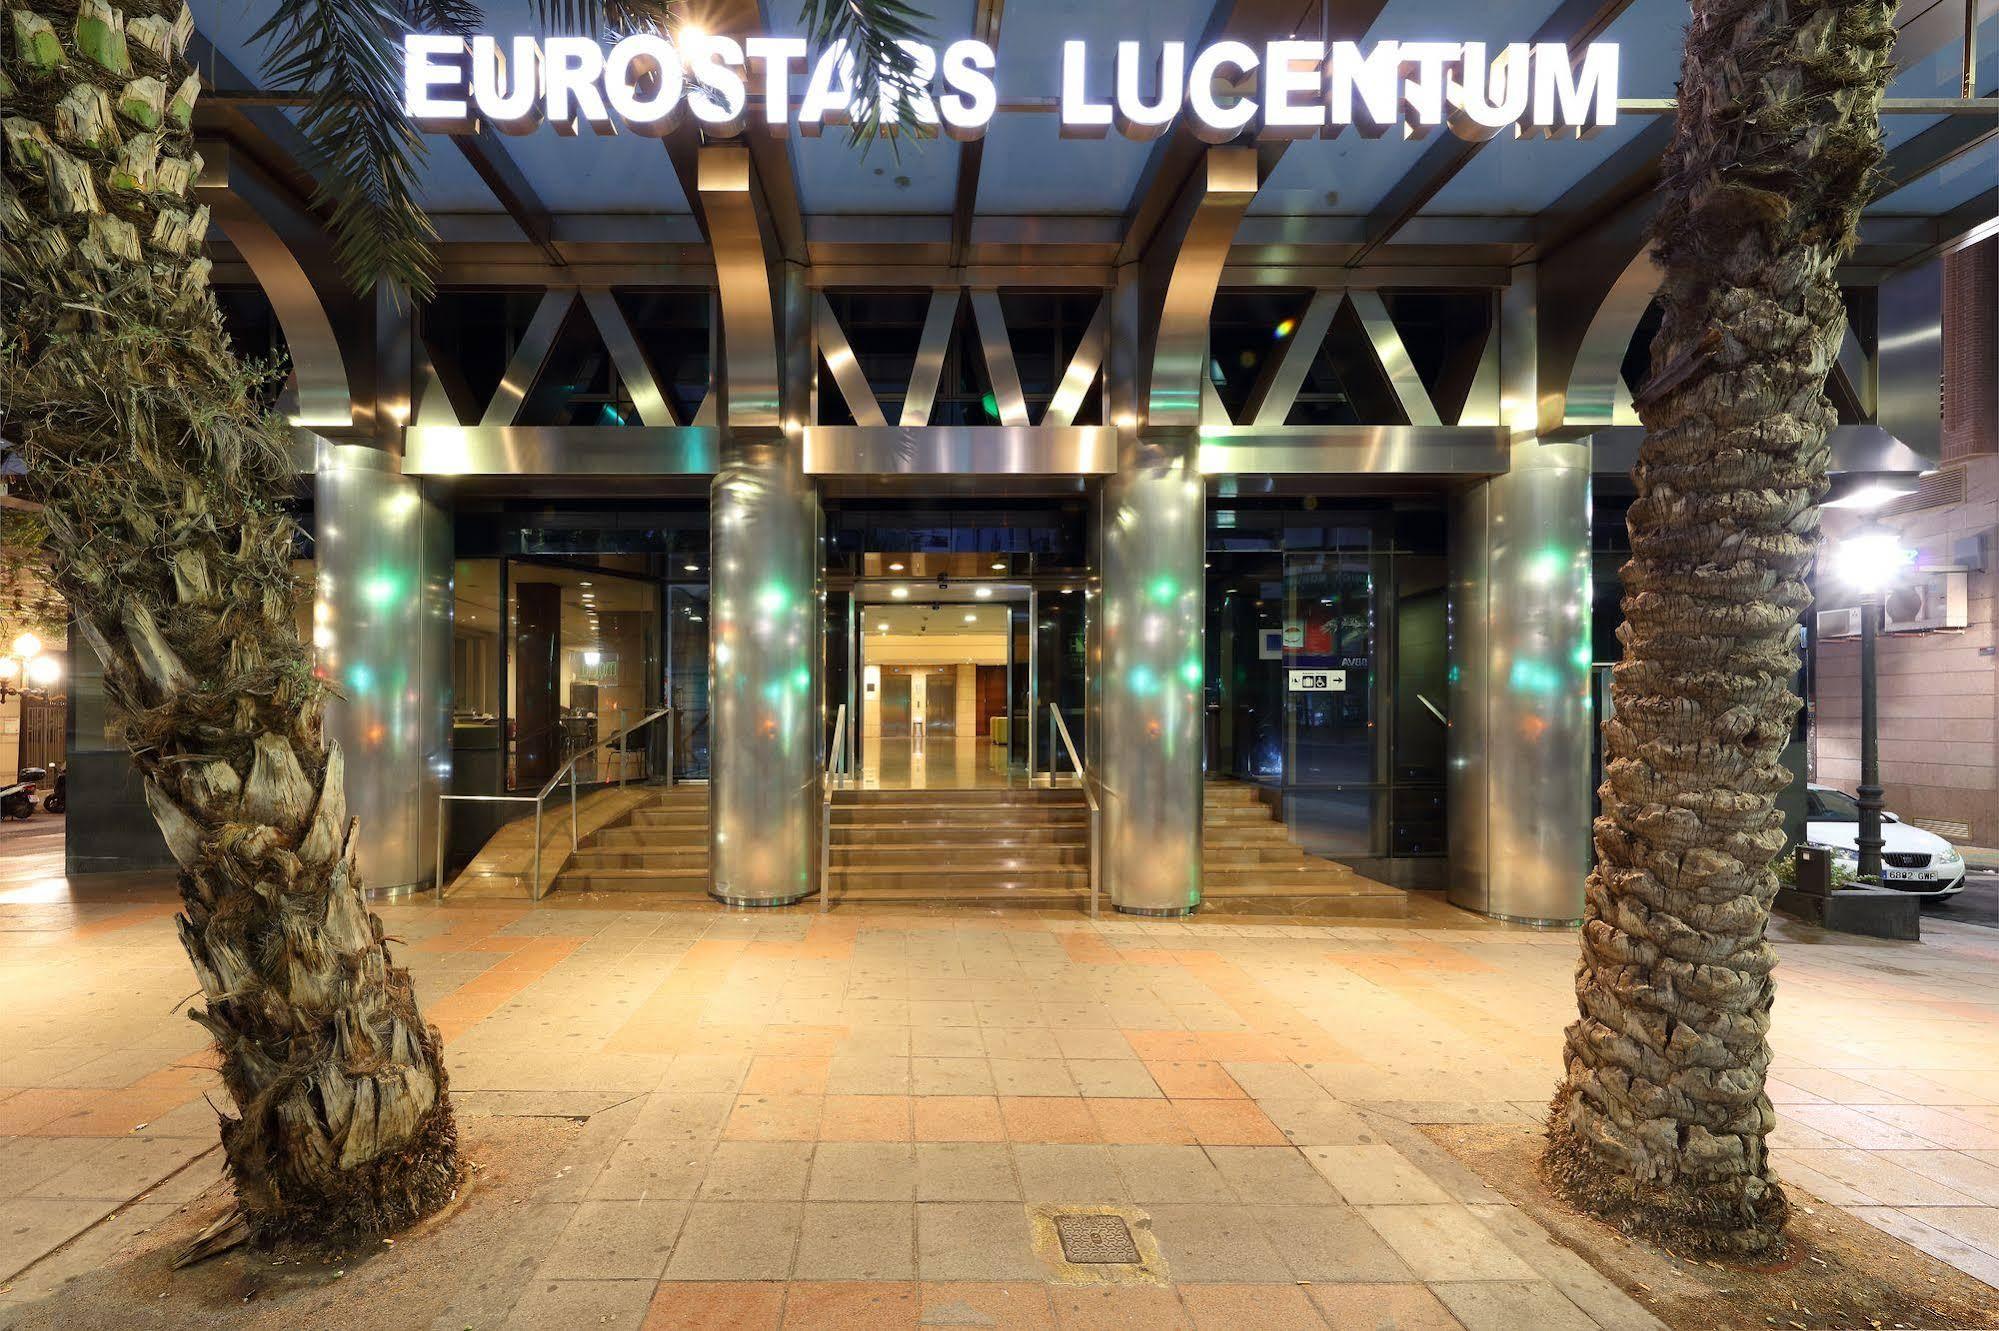 Eurostars Lucentum - Alicante